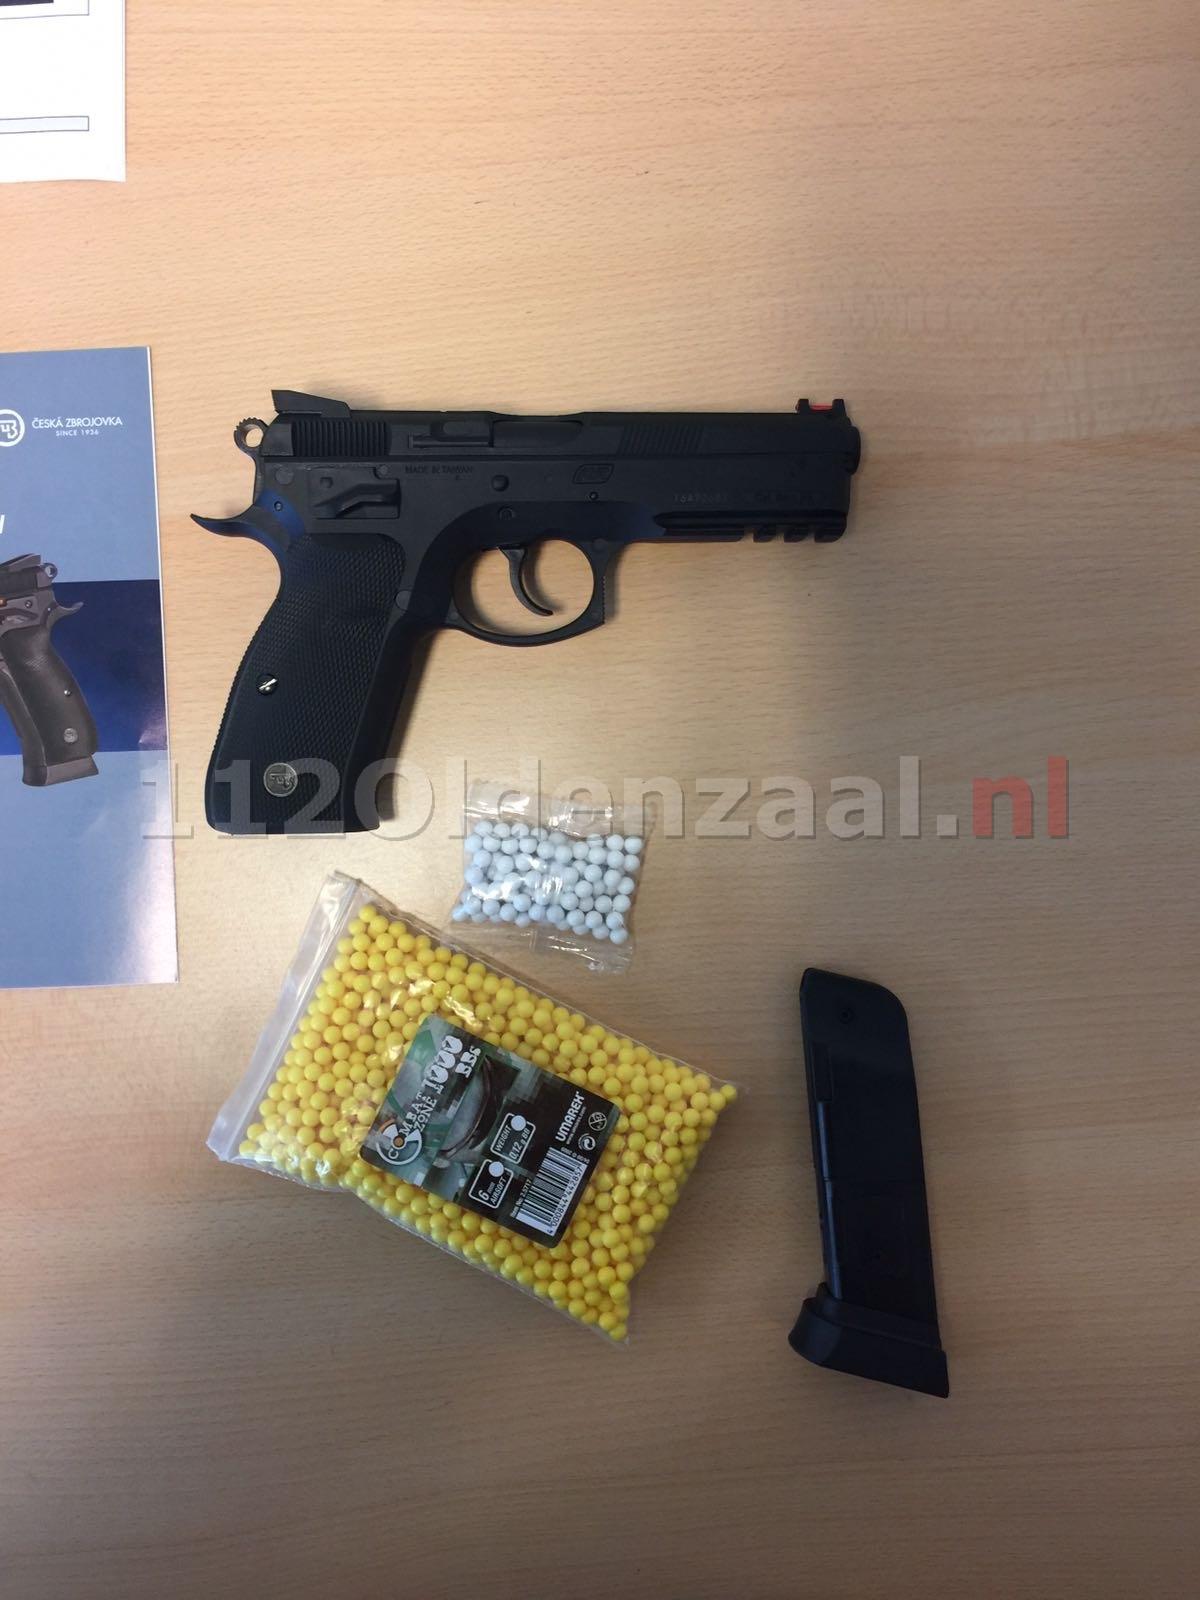 45-jarige man met ploertendoder en balletjespistool gepakt A1 Oldenzaal